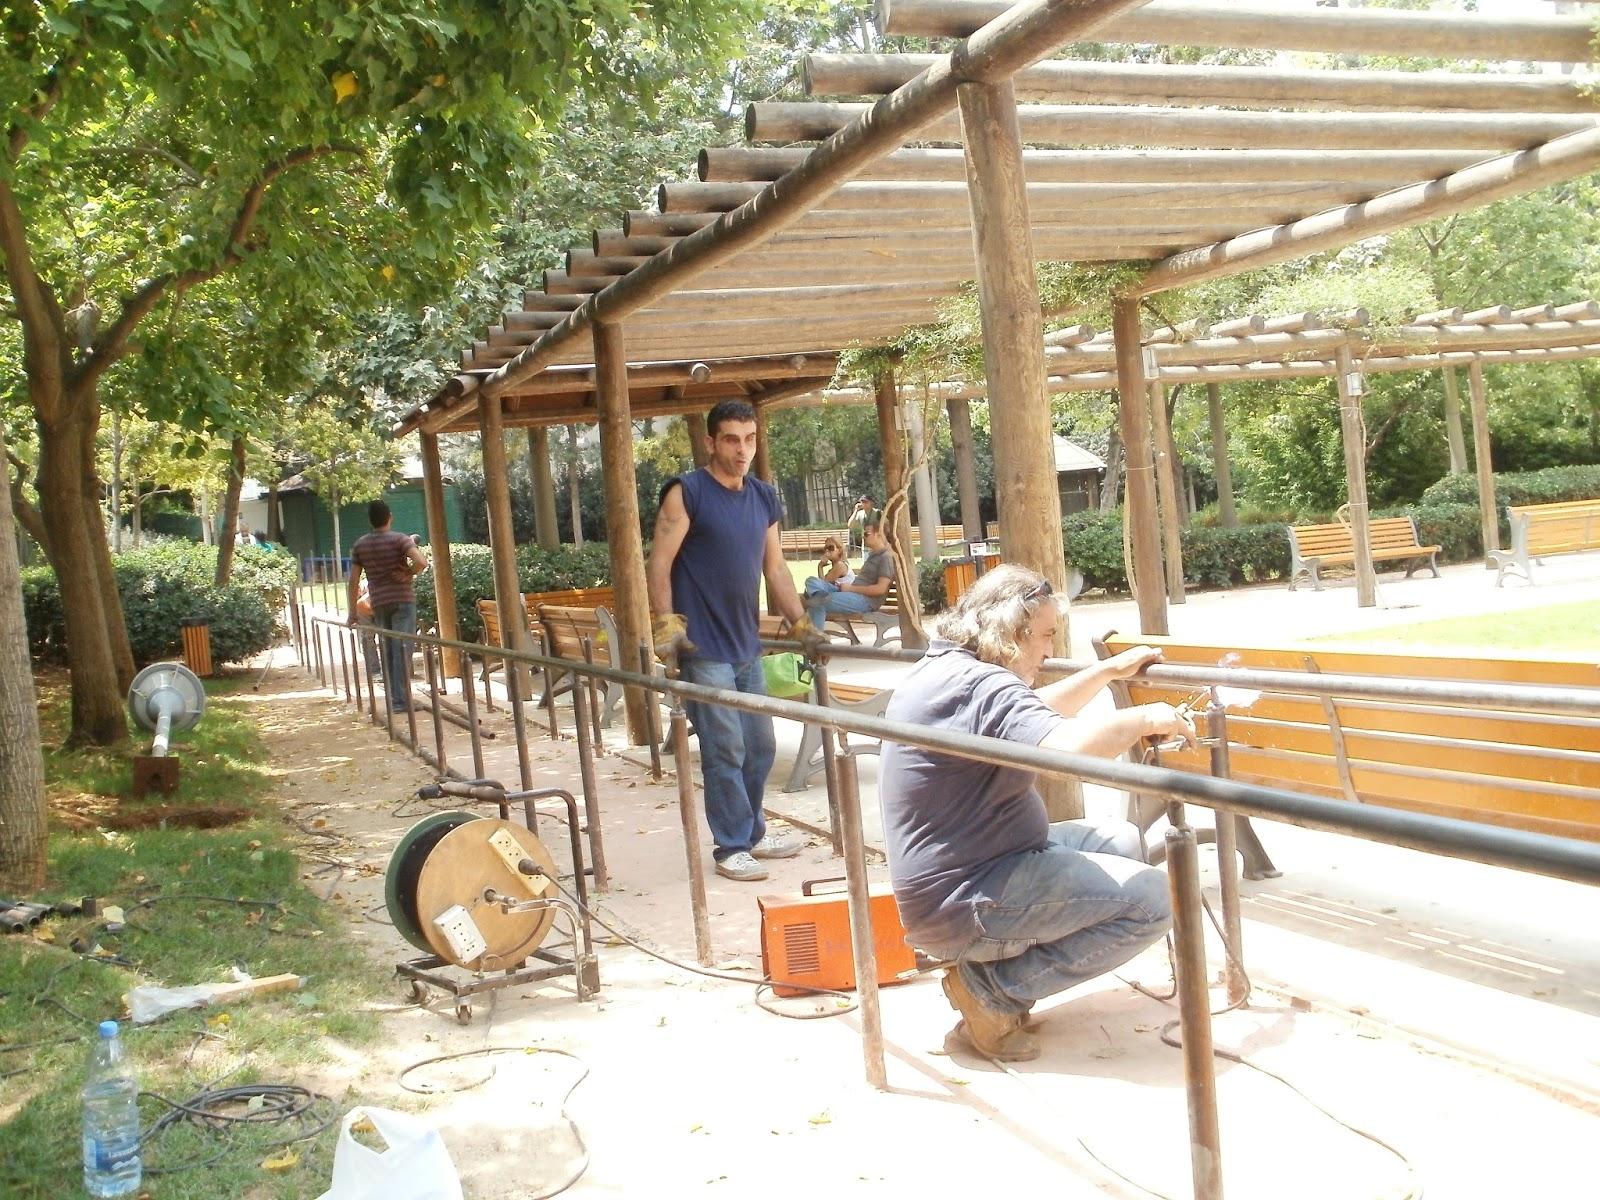 sin el fil public garden adaptation